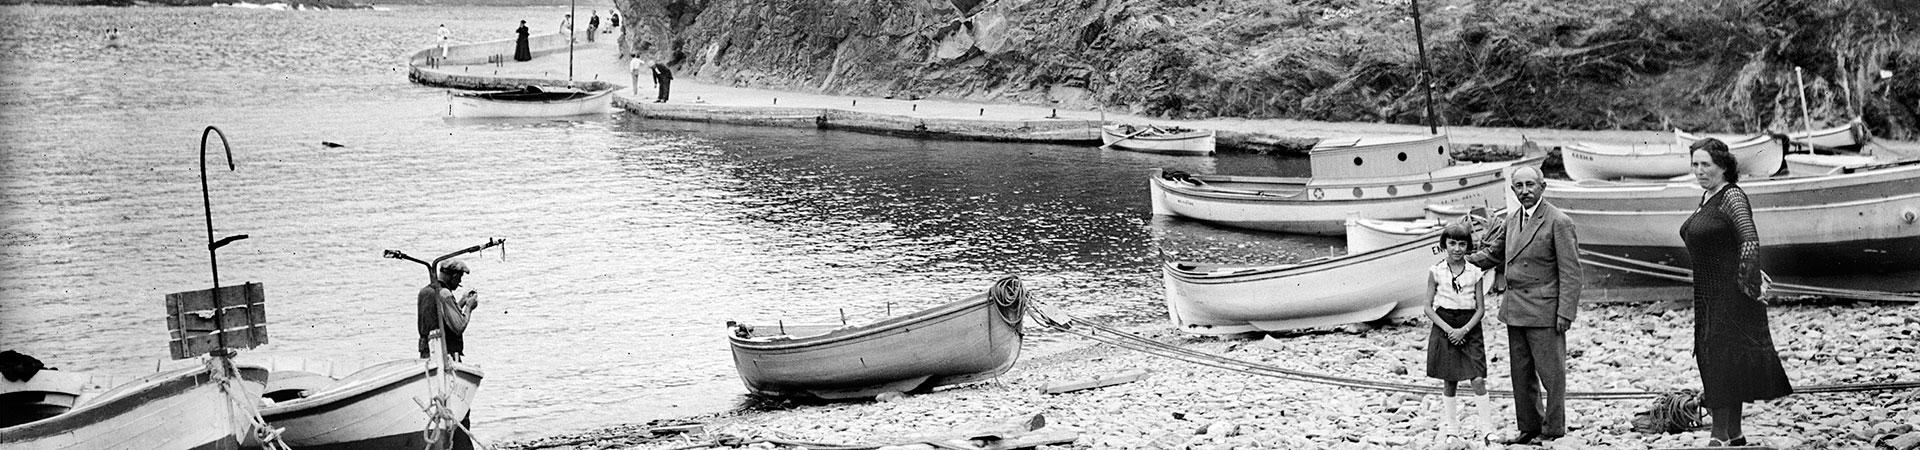 Barcas en el rincón de poniente de la platja Gran. Portbou, 1935. Colección Roisin / IEFC